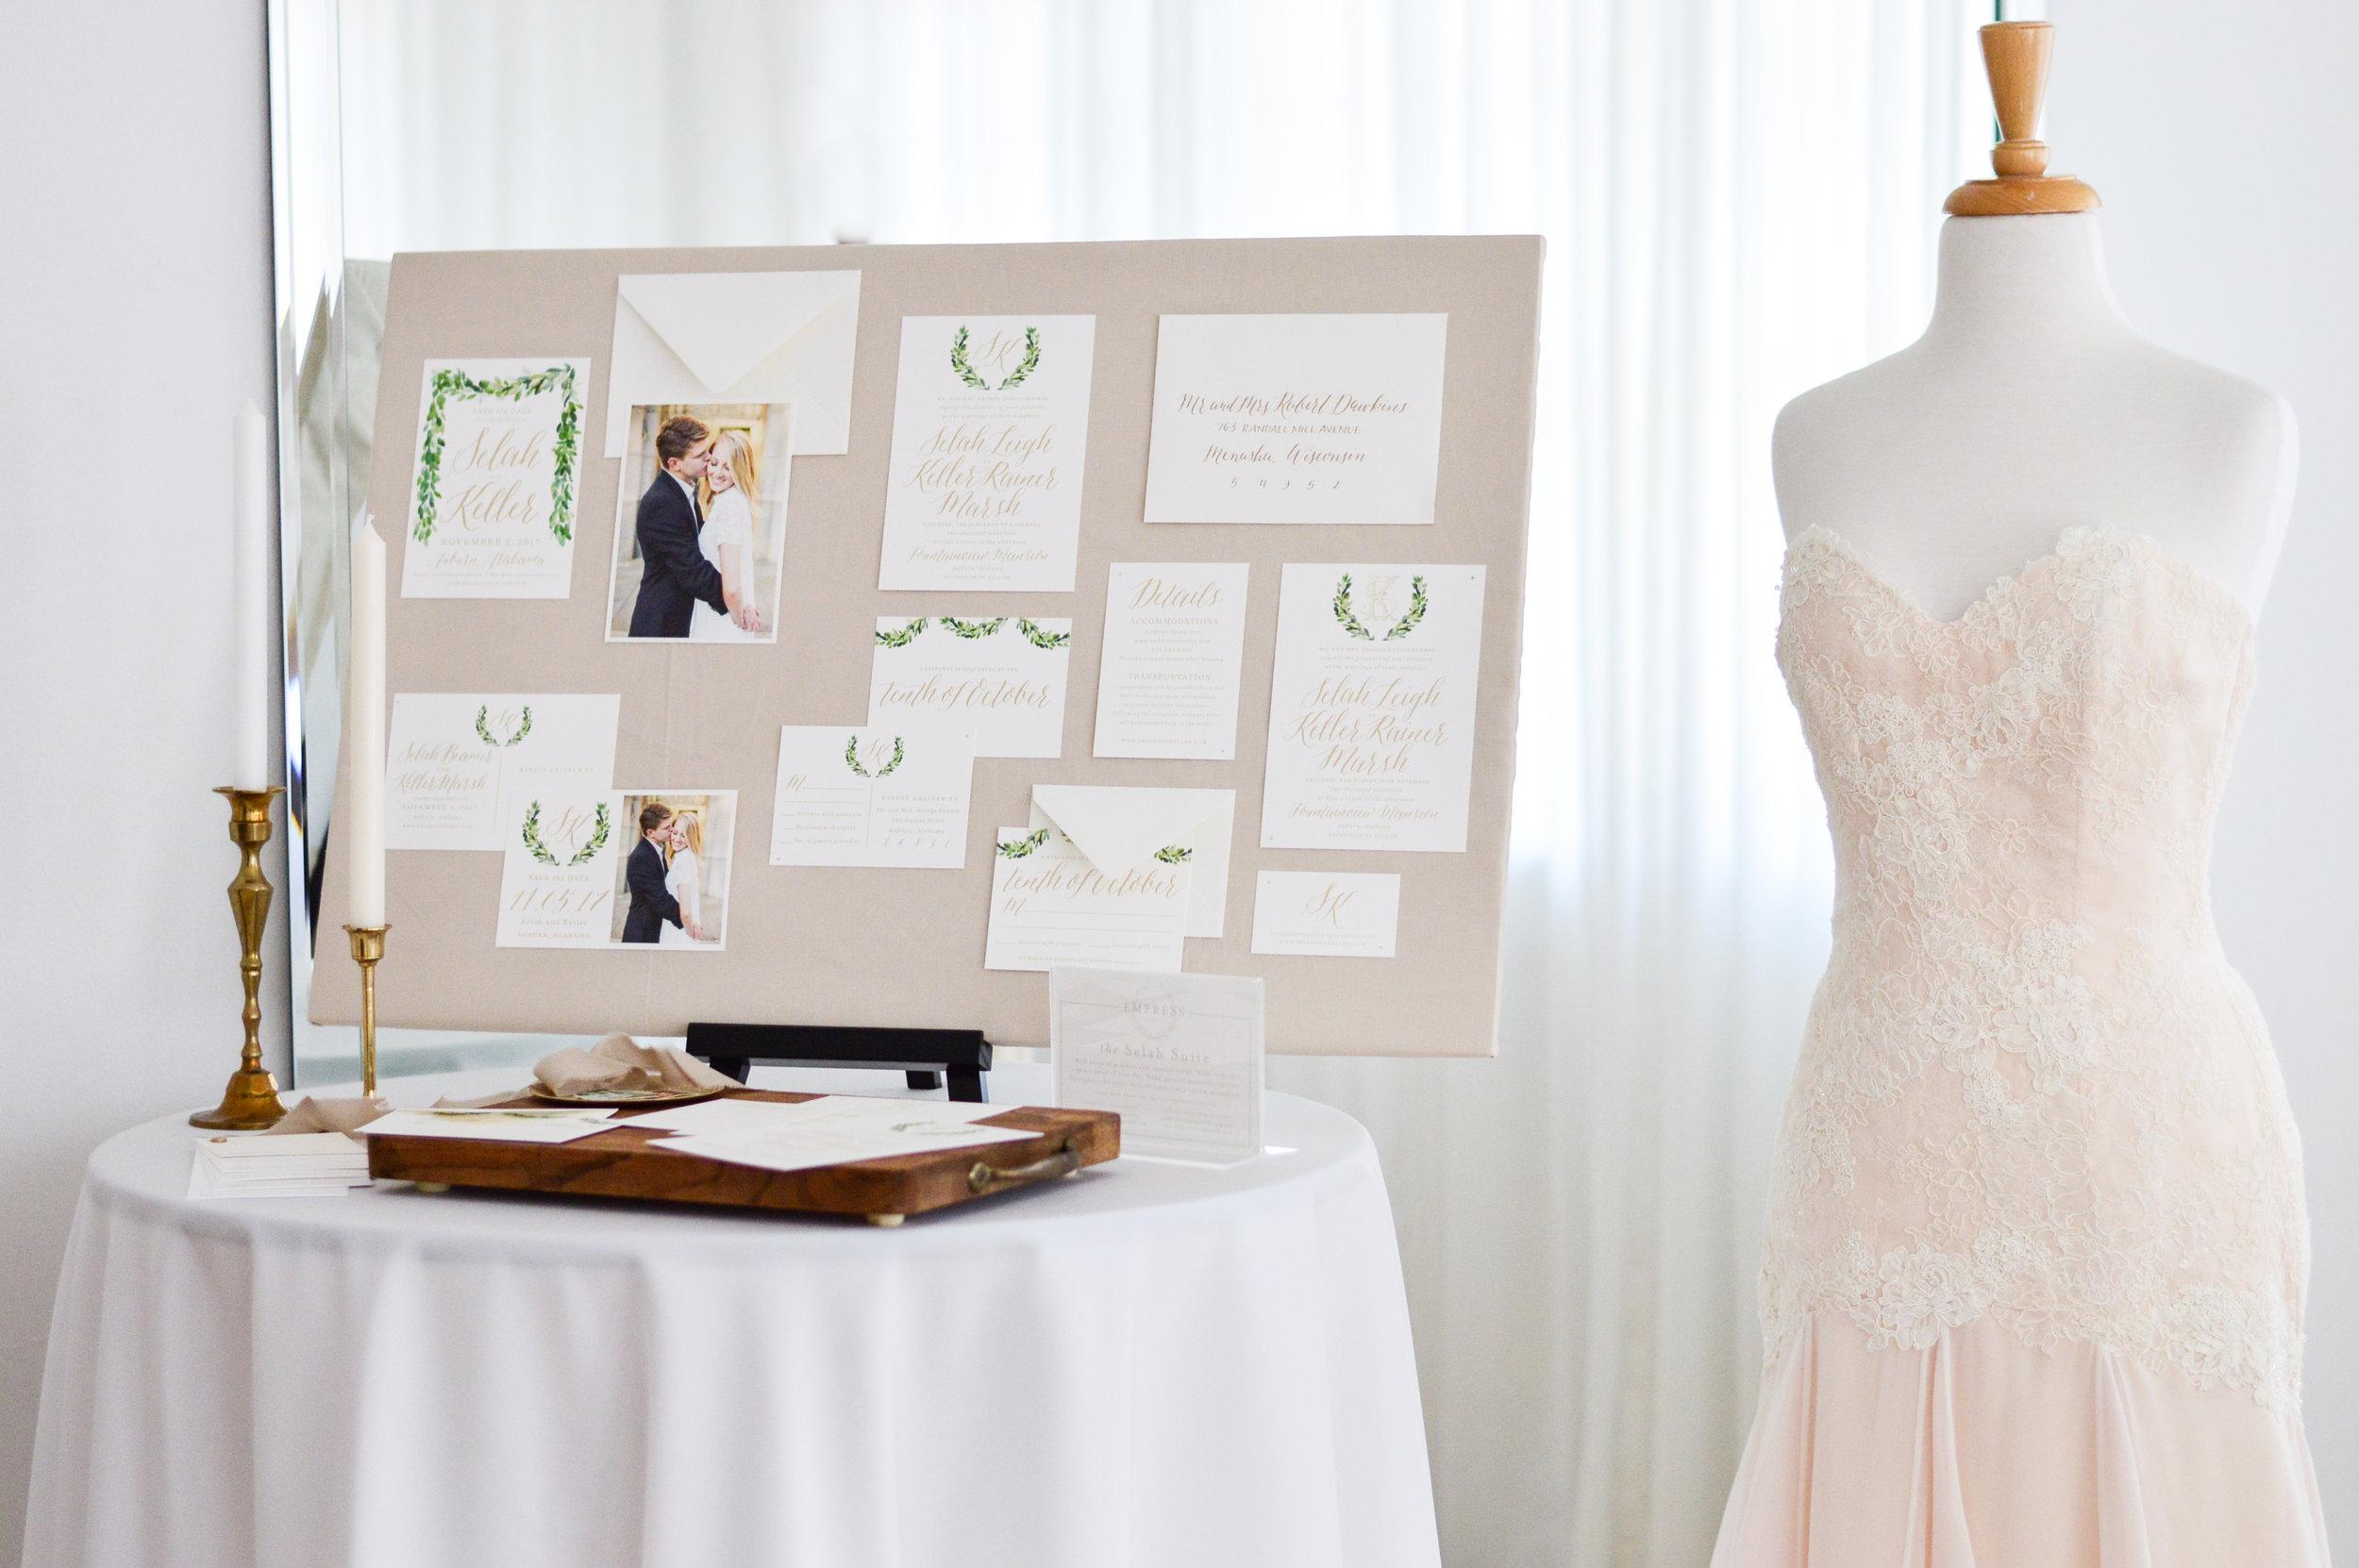 wedding invitations design board